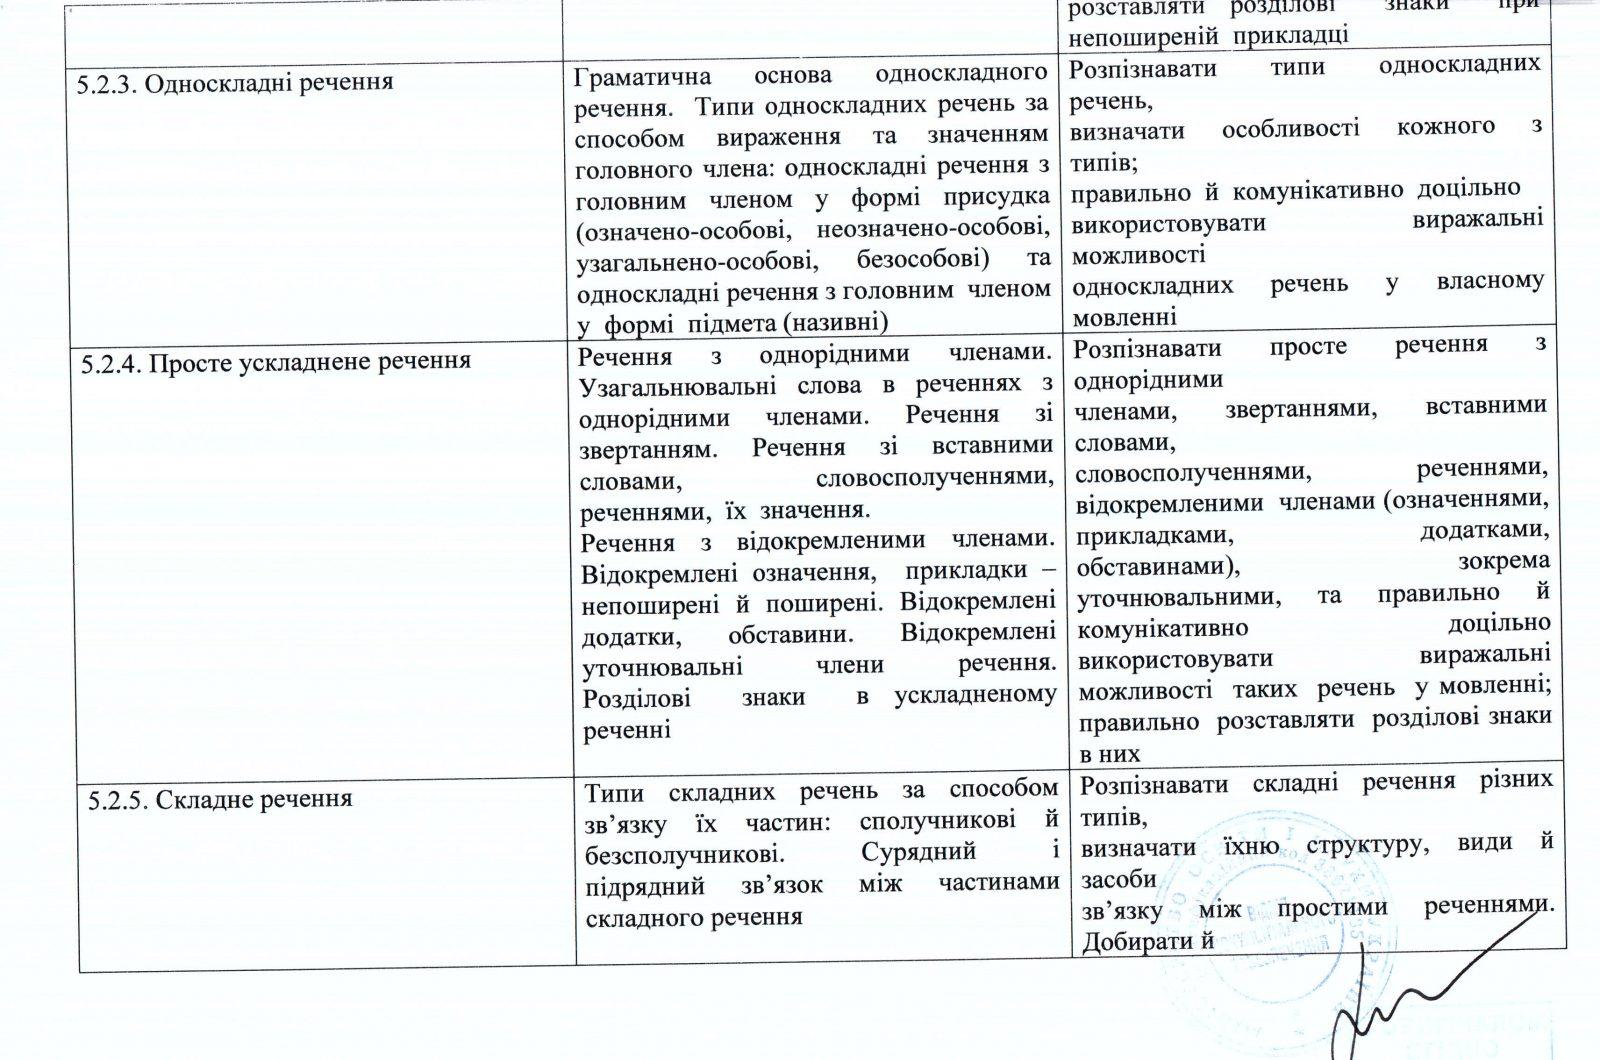 ukr (7)